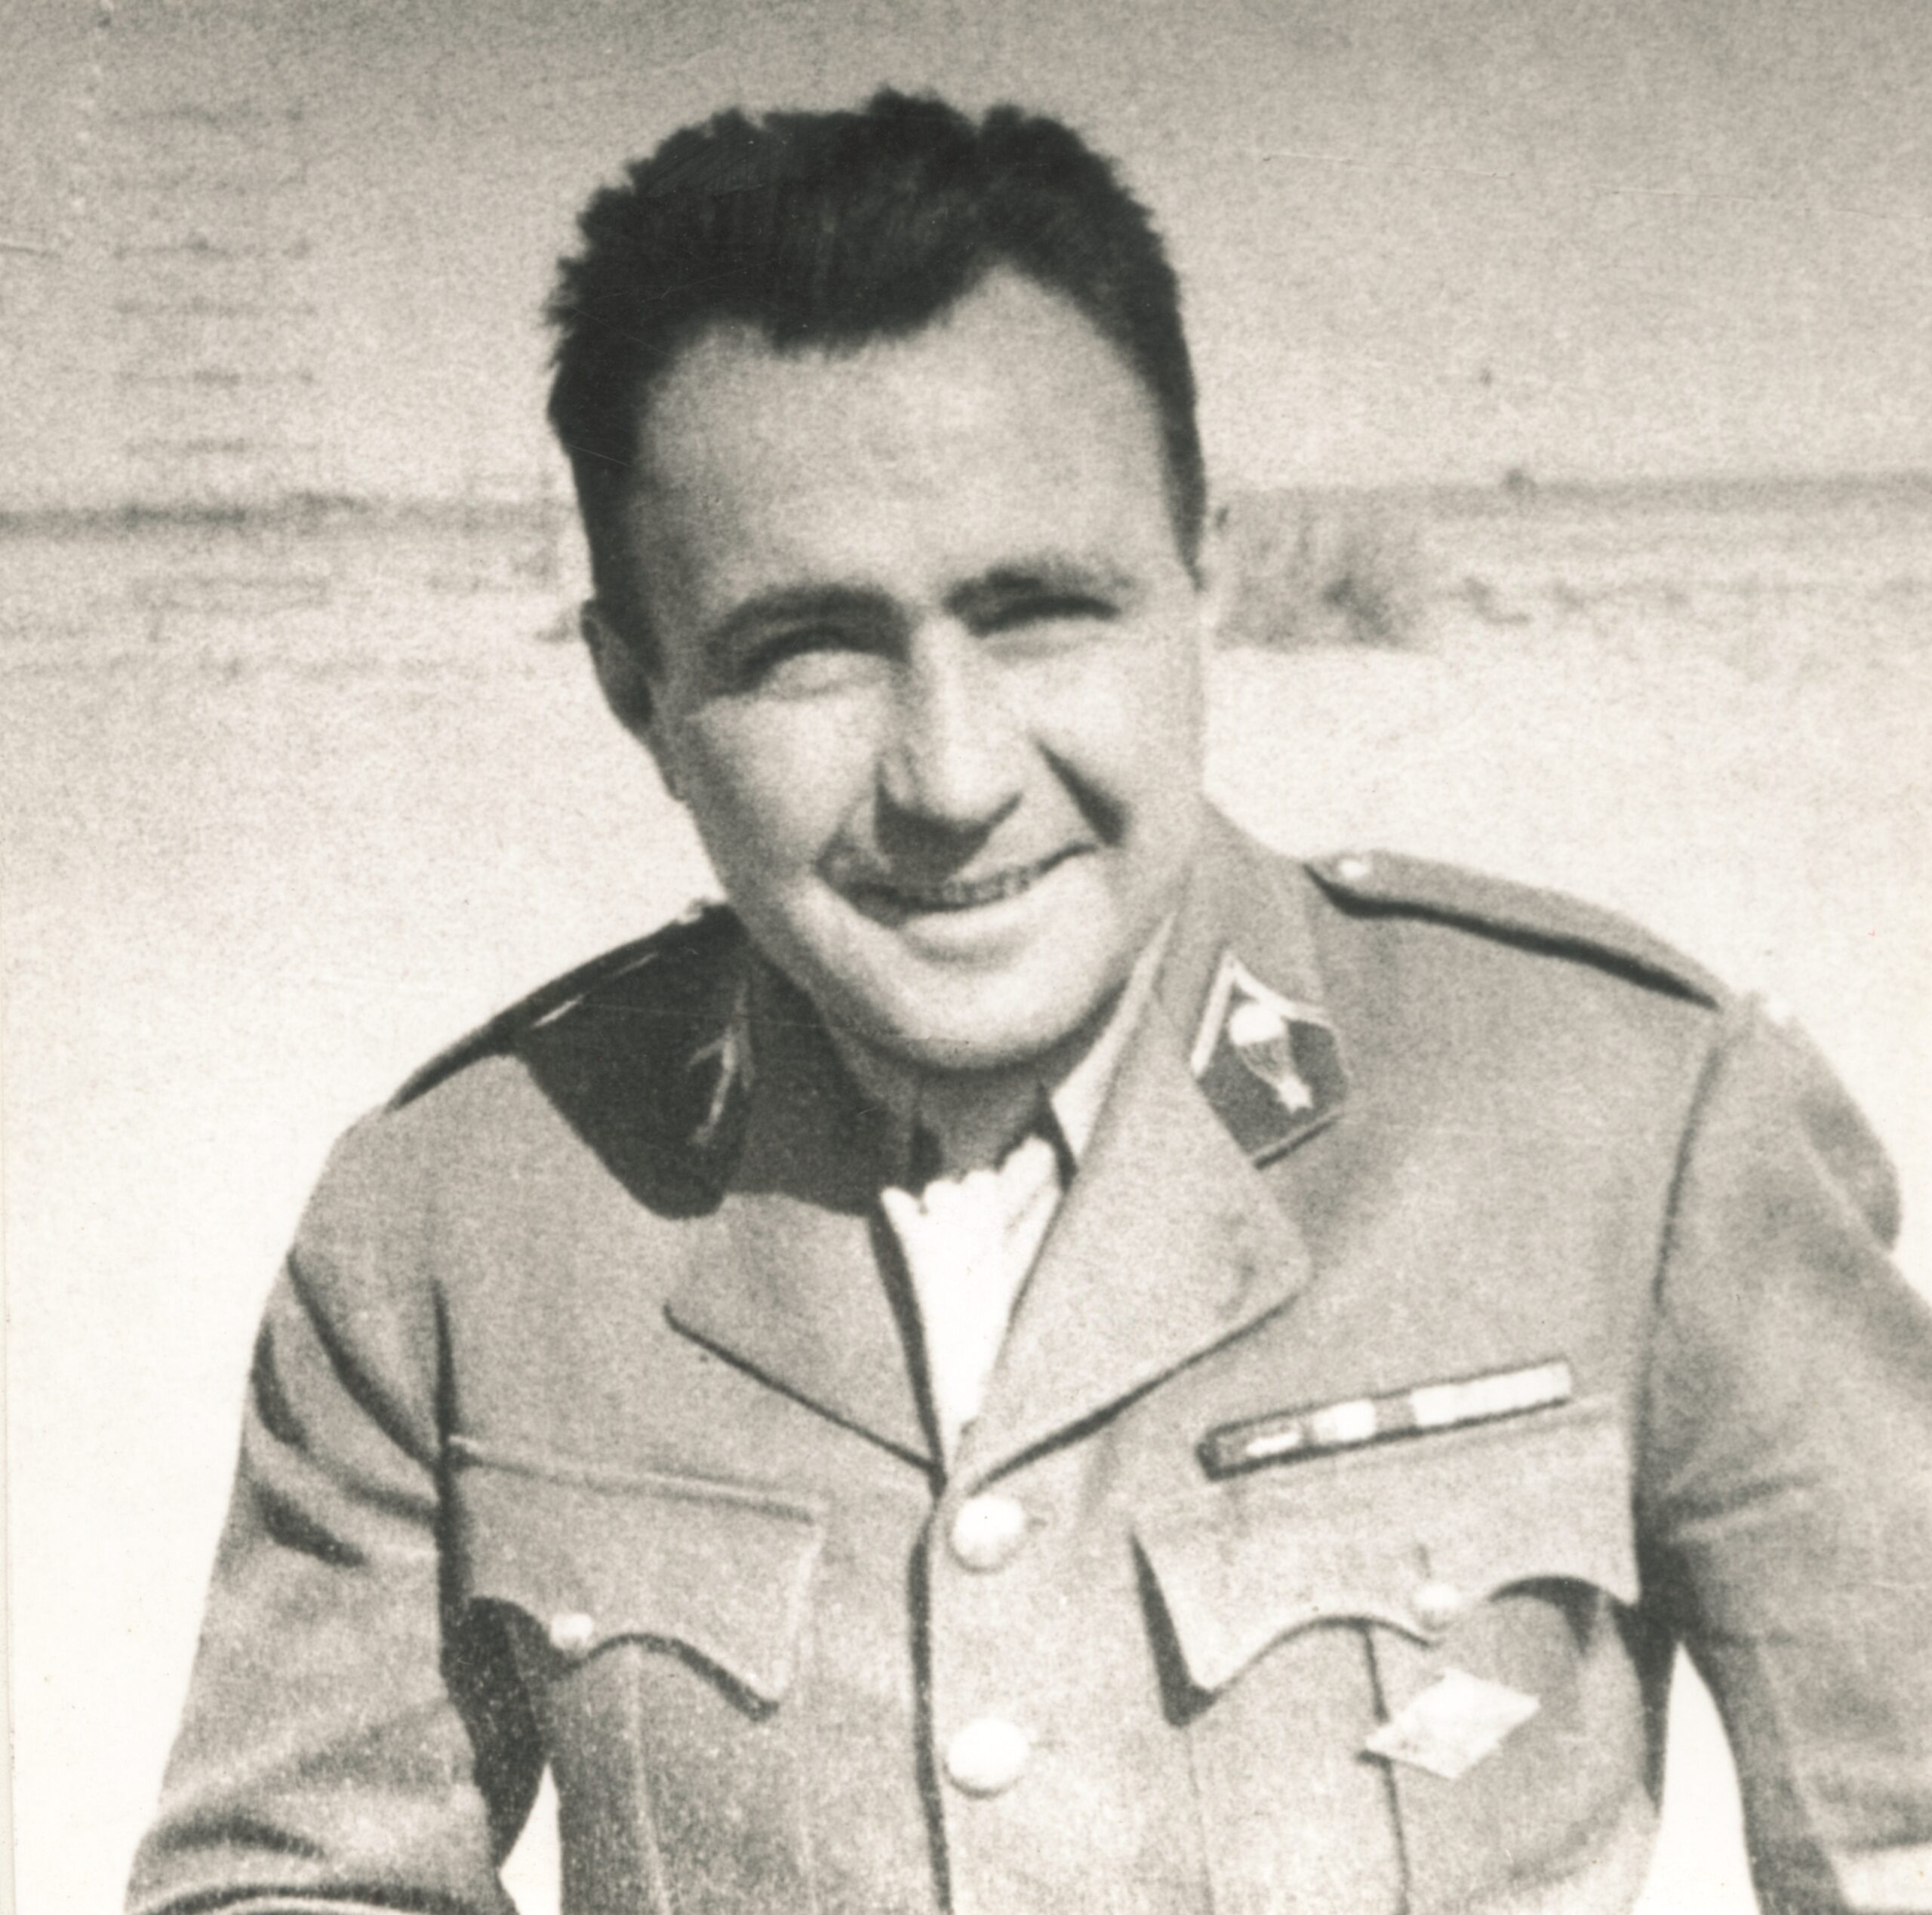 Les parachutistes de la France Libre du 24 juin 1940 au 17 juin 1942